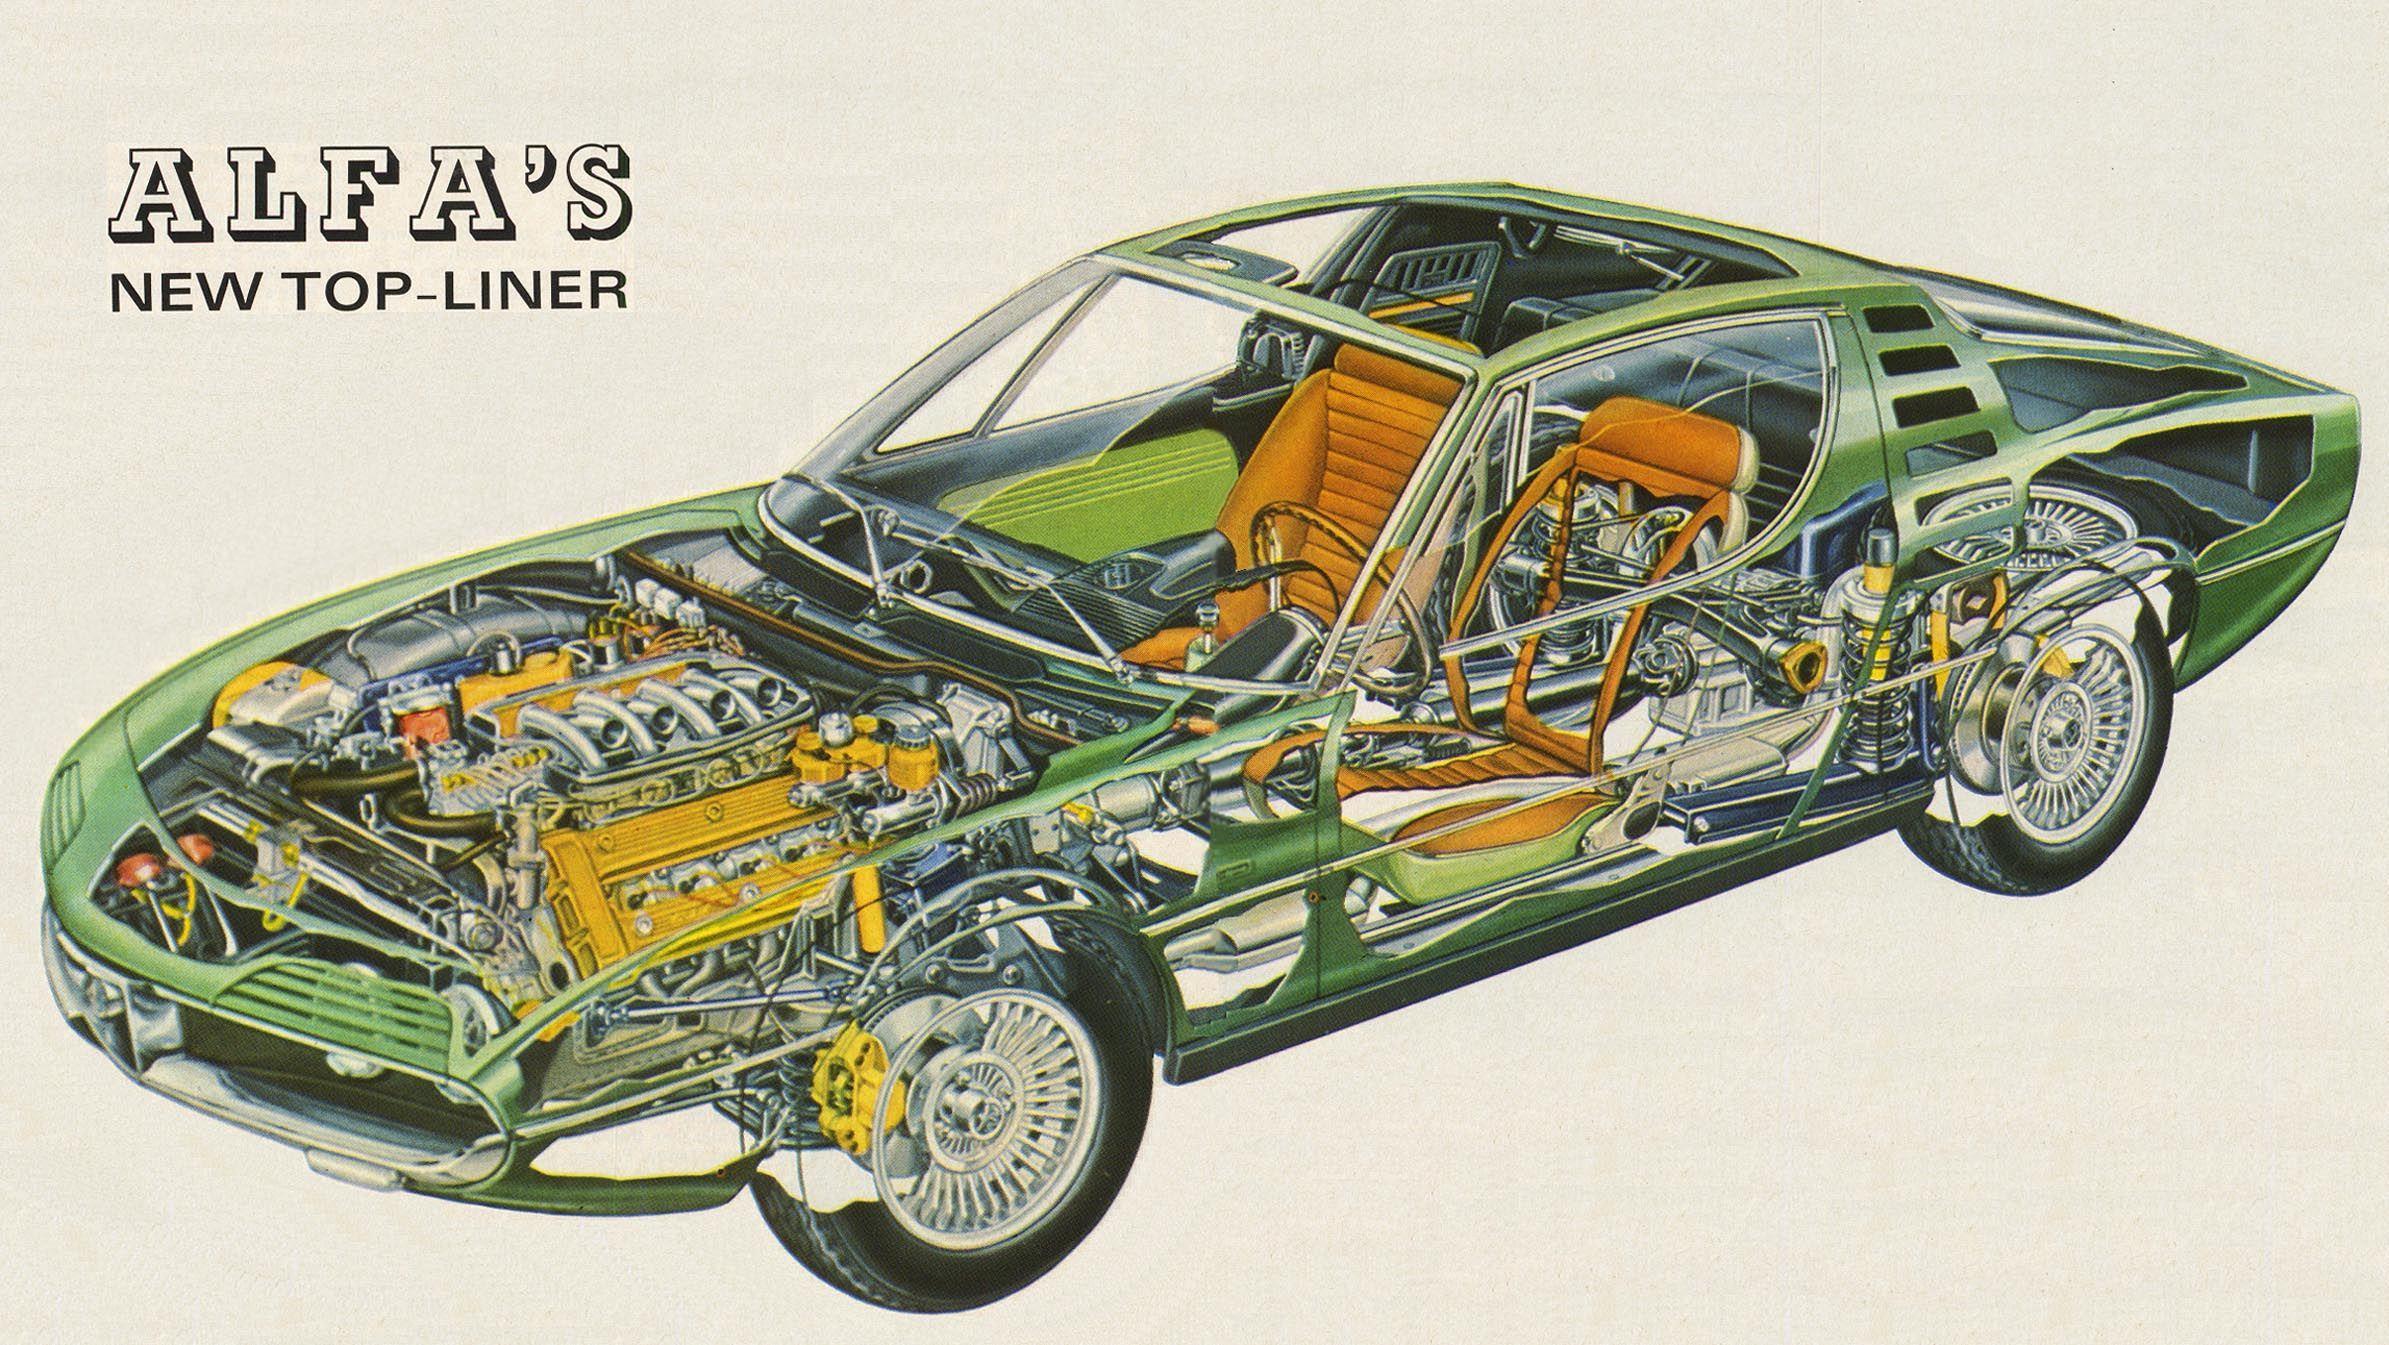 Spider Alfa Romeo Nord Engine Diagram | Wiring Diagram on maserati engine, proton engine, alfa v6, vw engine, ferrari engine, acura engine, fiat engine, peugeot engine, isuzu engine, chrysler engine, ford car engine, j.a.p. engine, bugatti engine, international engine, aston martin engine, formula 2 engine, panhard engine, can am engine, gt40 engine, maybach engine,